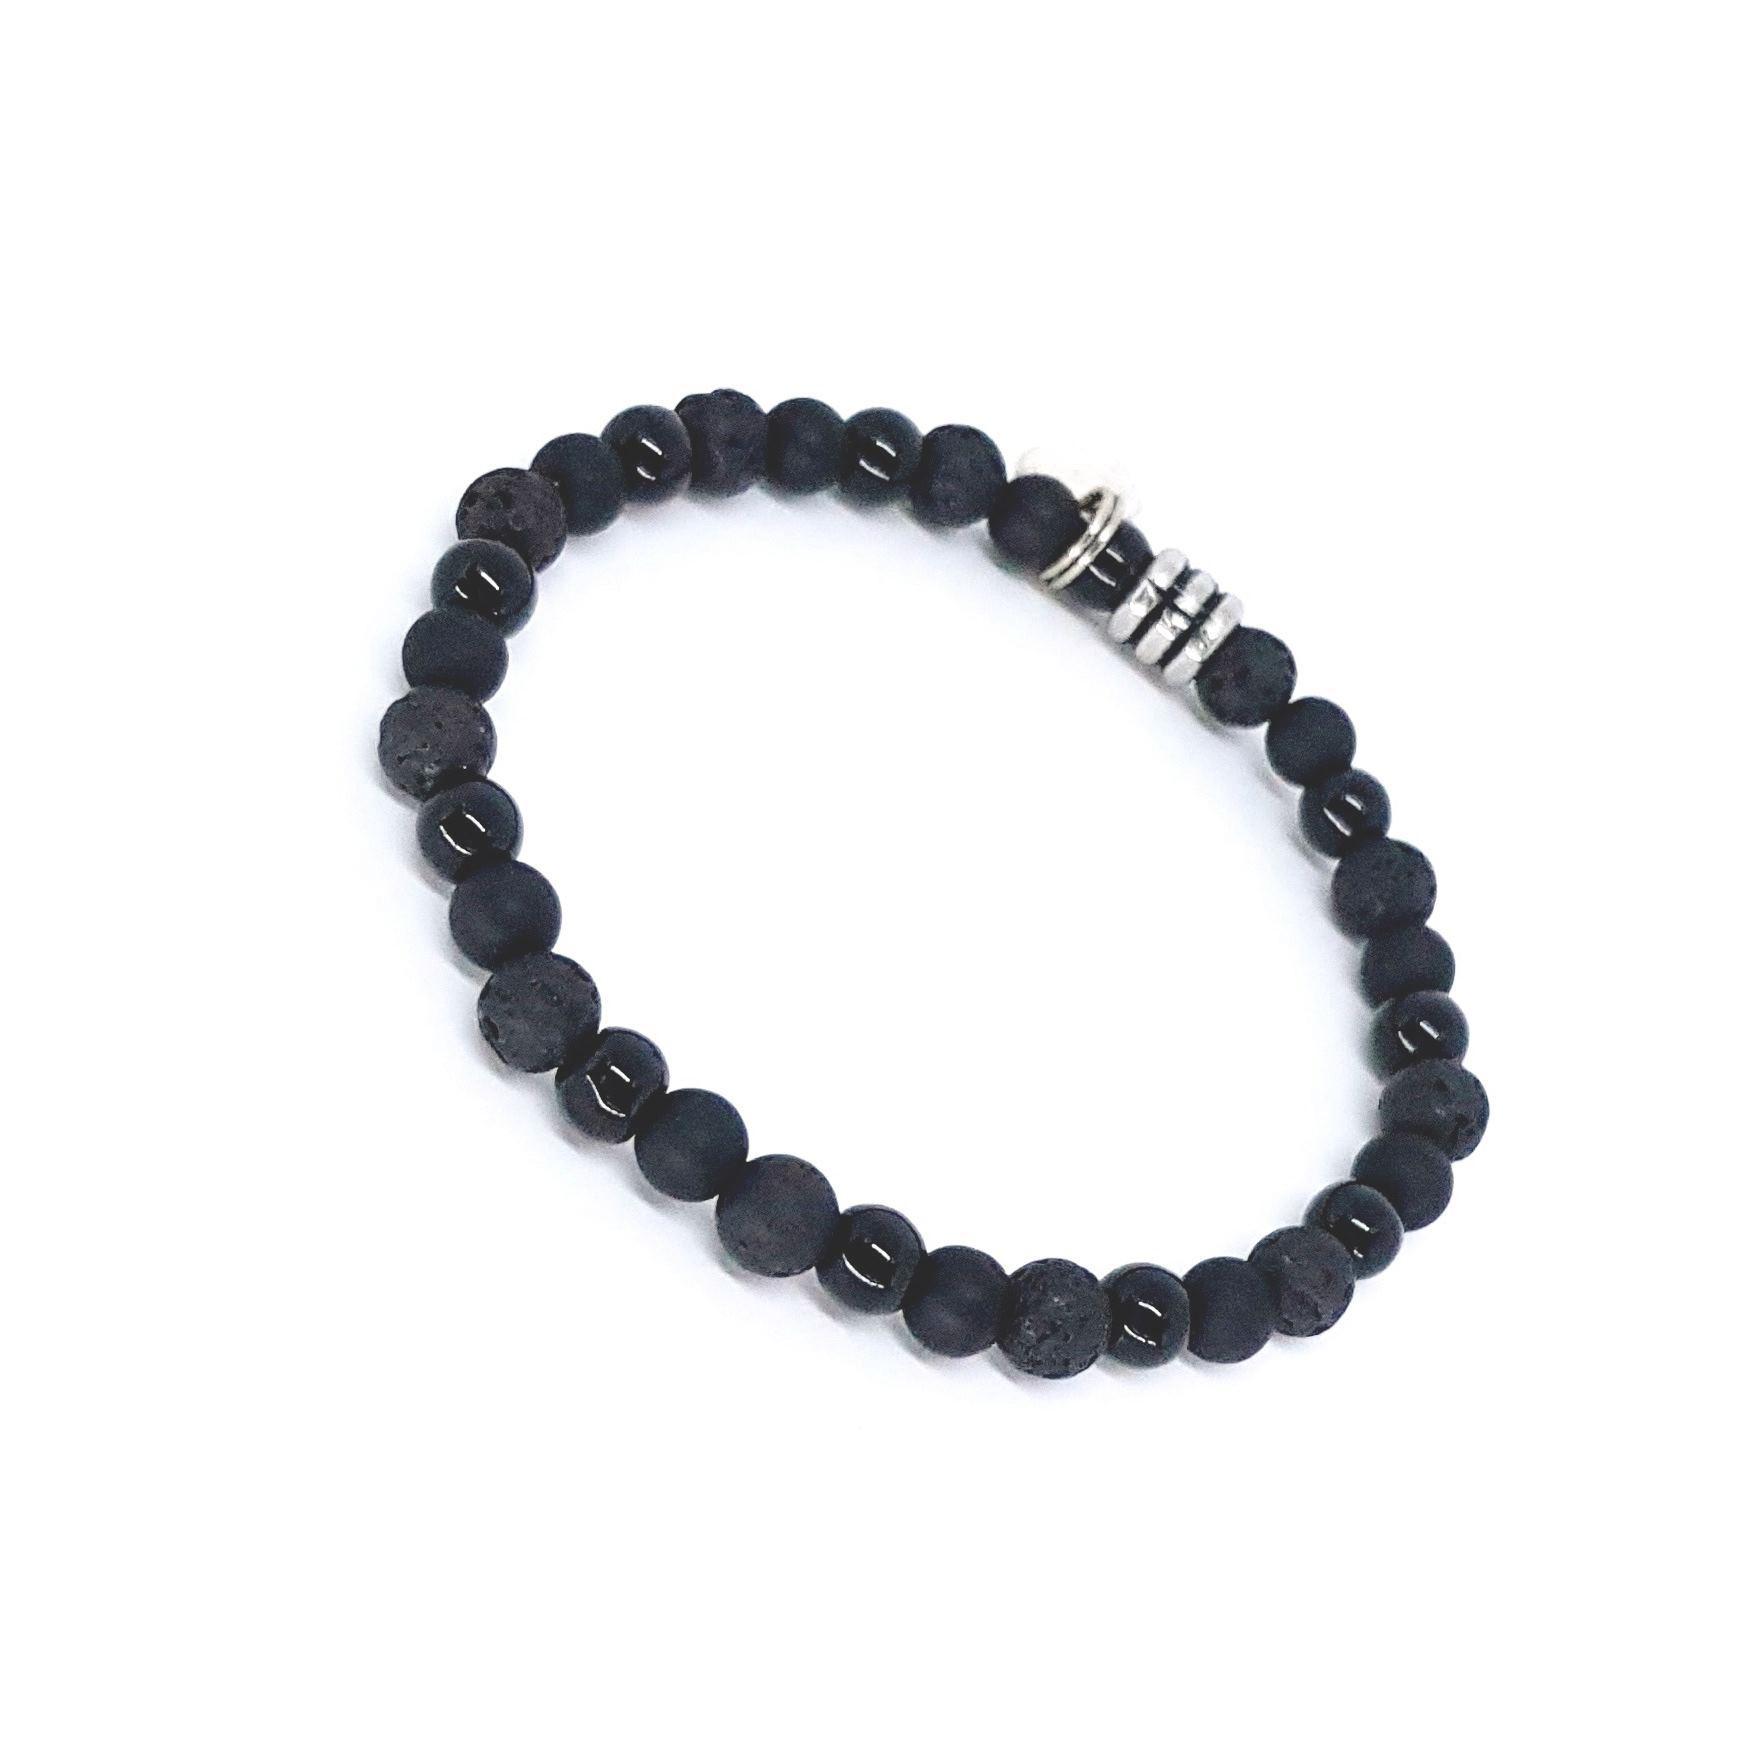 Pulseira de Pedras Mix Black